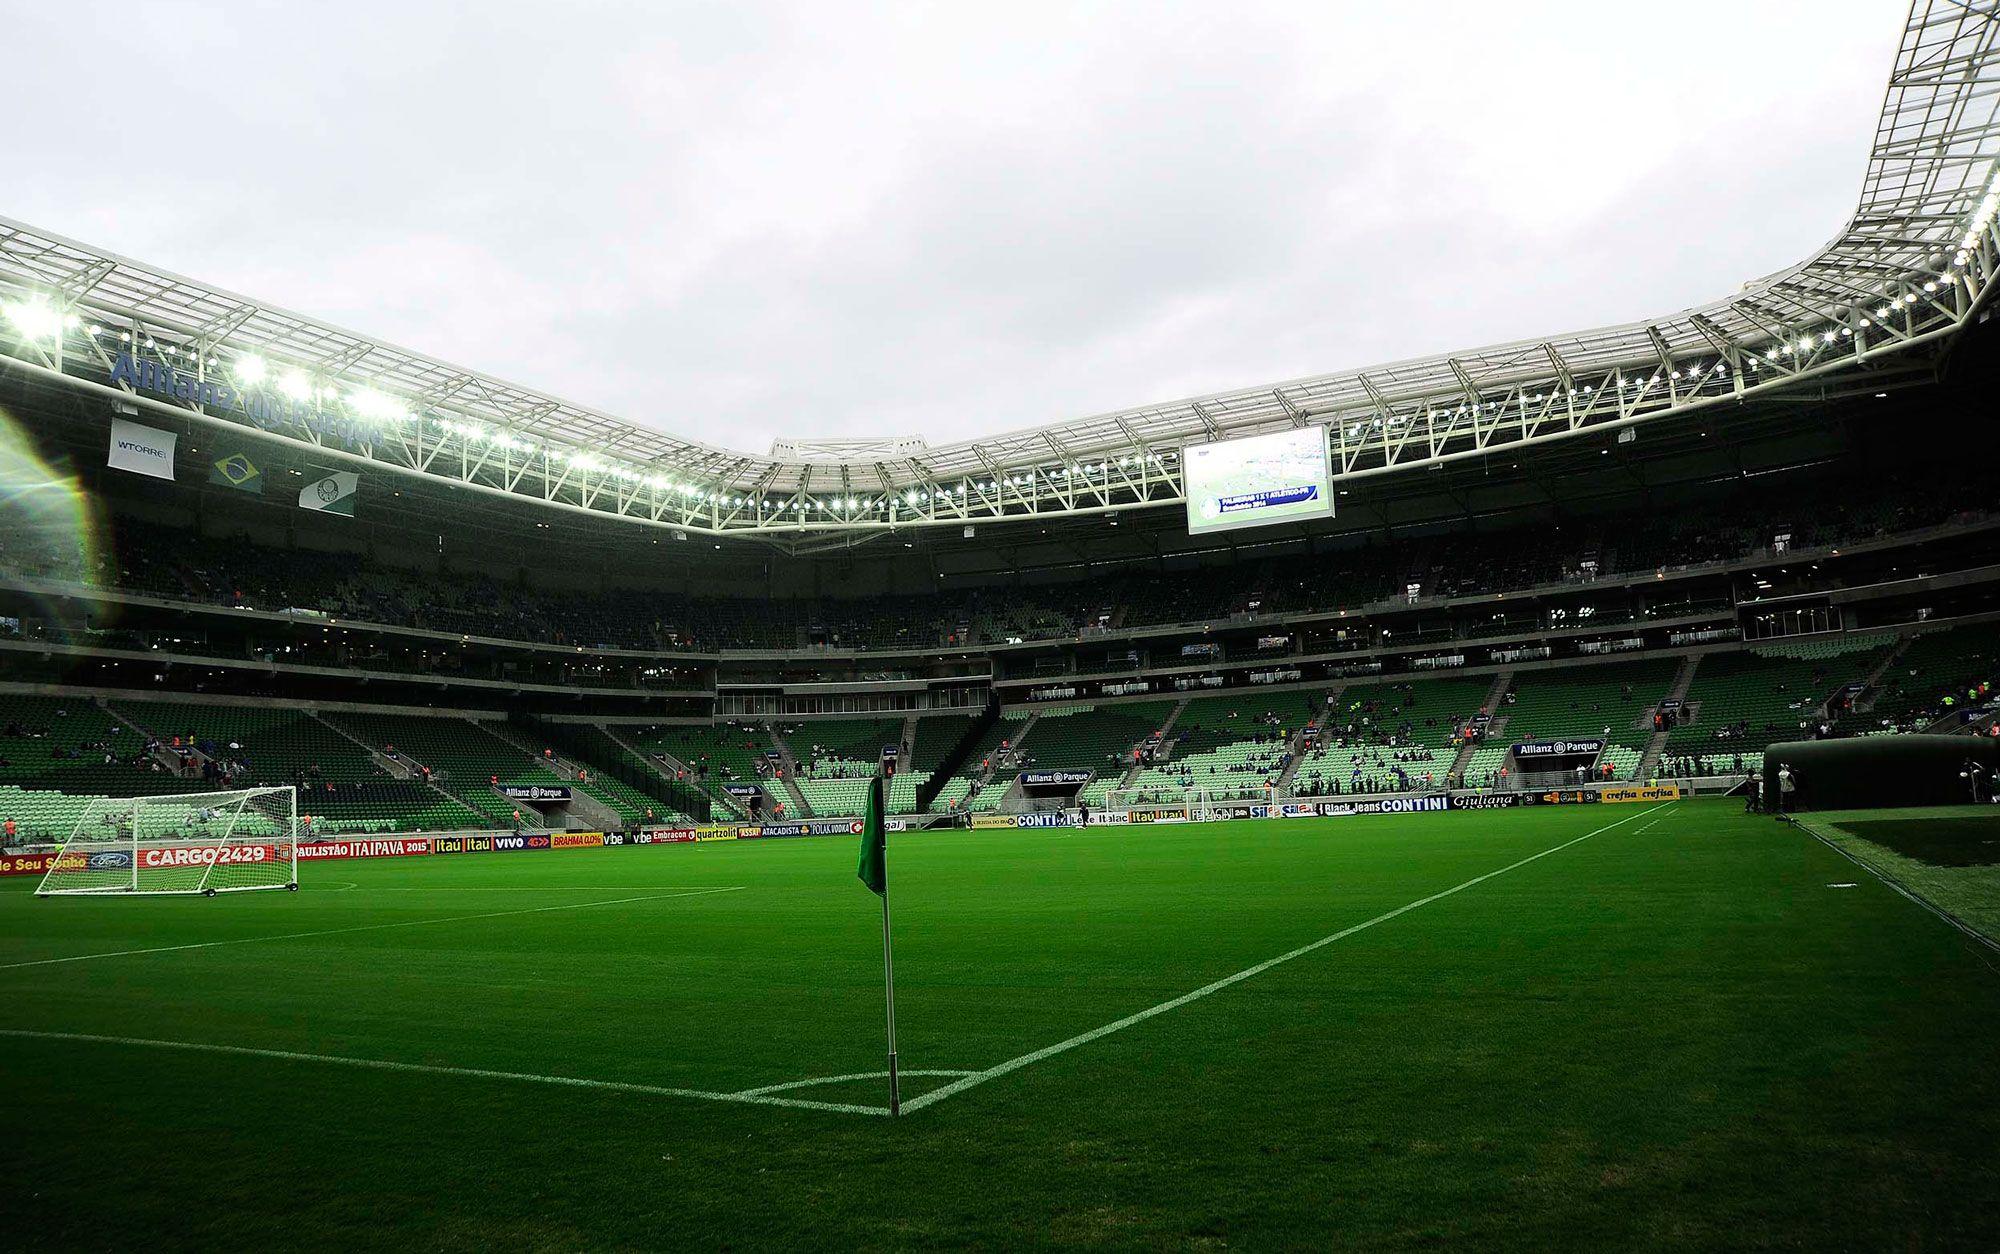 Corinthians Entra Na Justica Contra Decisao De Torcida Unica Em Classico Palmeiras Torcida Globo Esporte